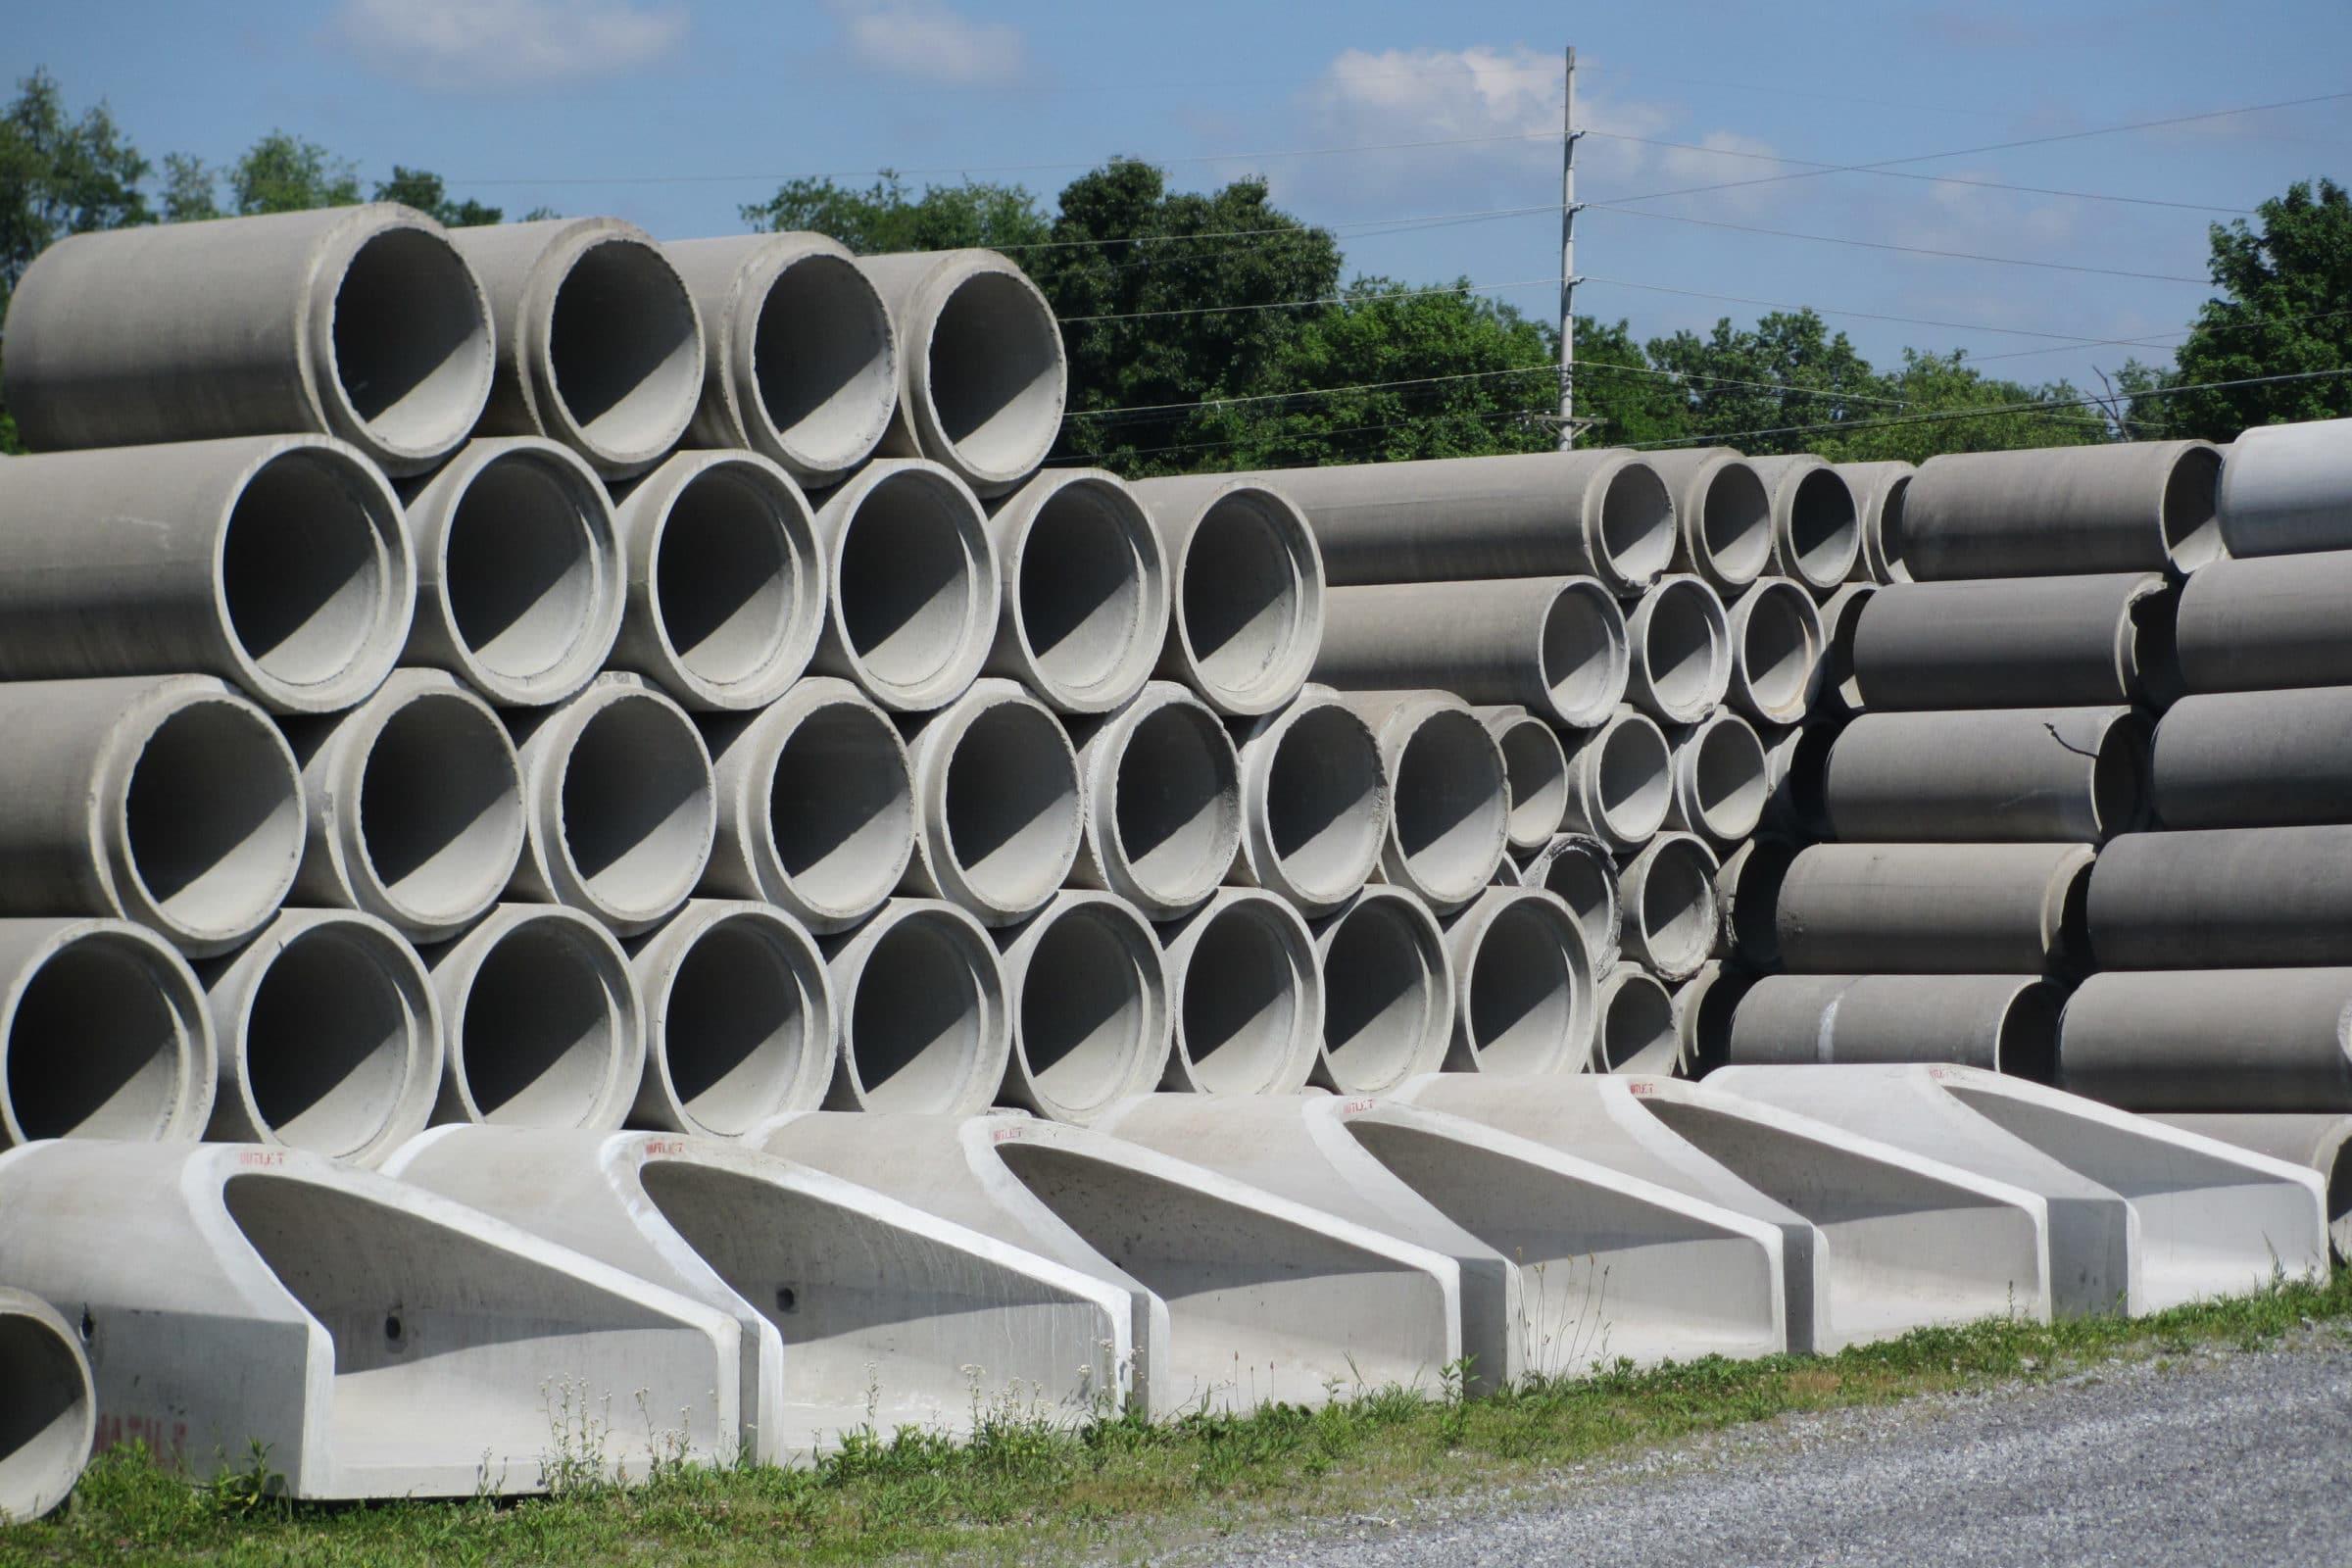 12 Concrete Pipe : Concrete pipe permatile products company